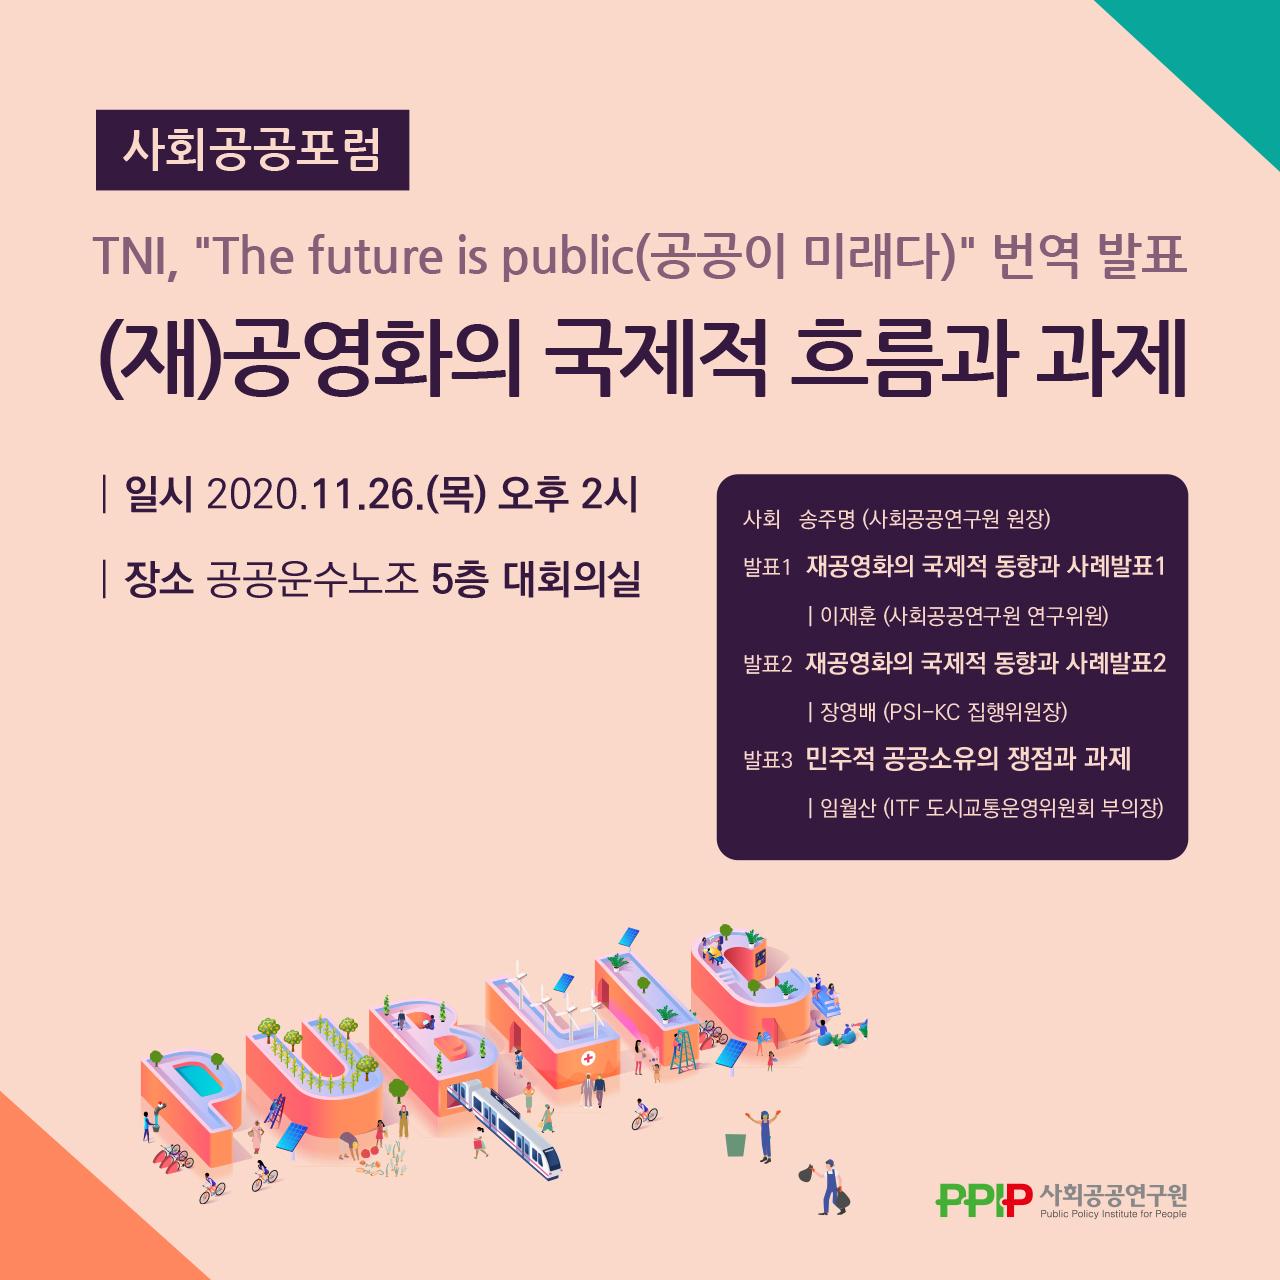 20201126_사회공공포럼_재공영화 웹자보.jpg